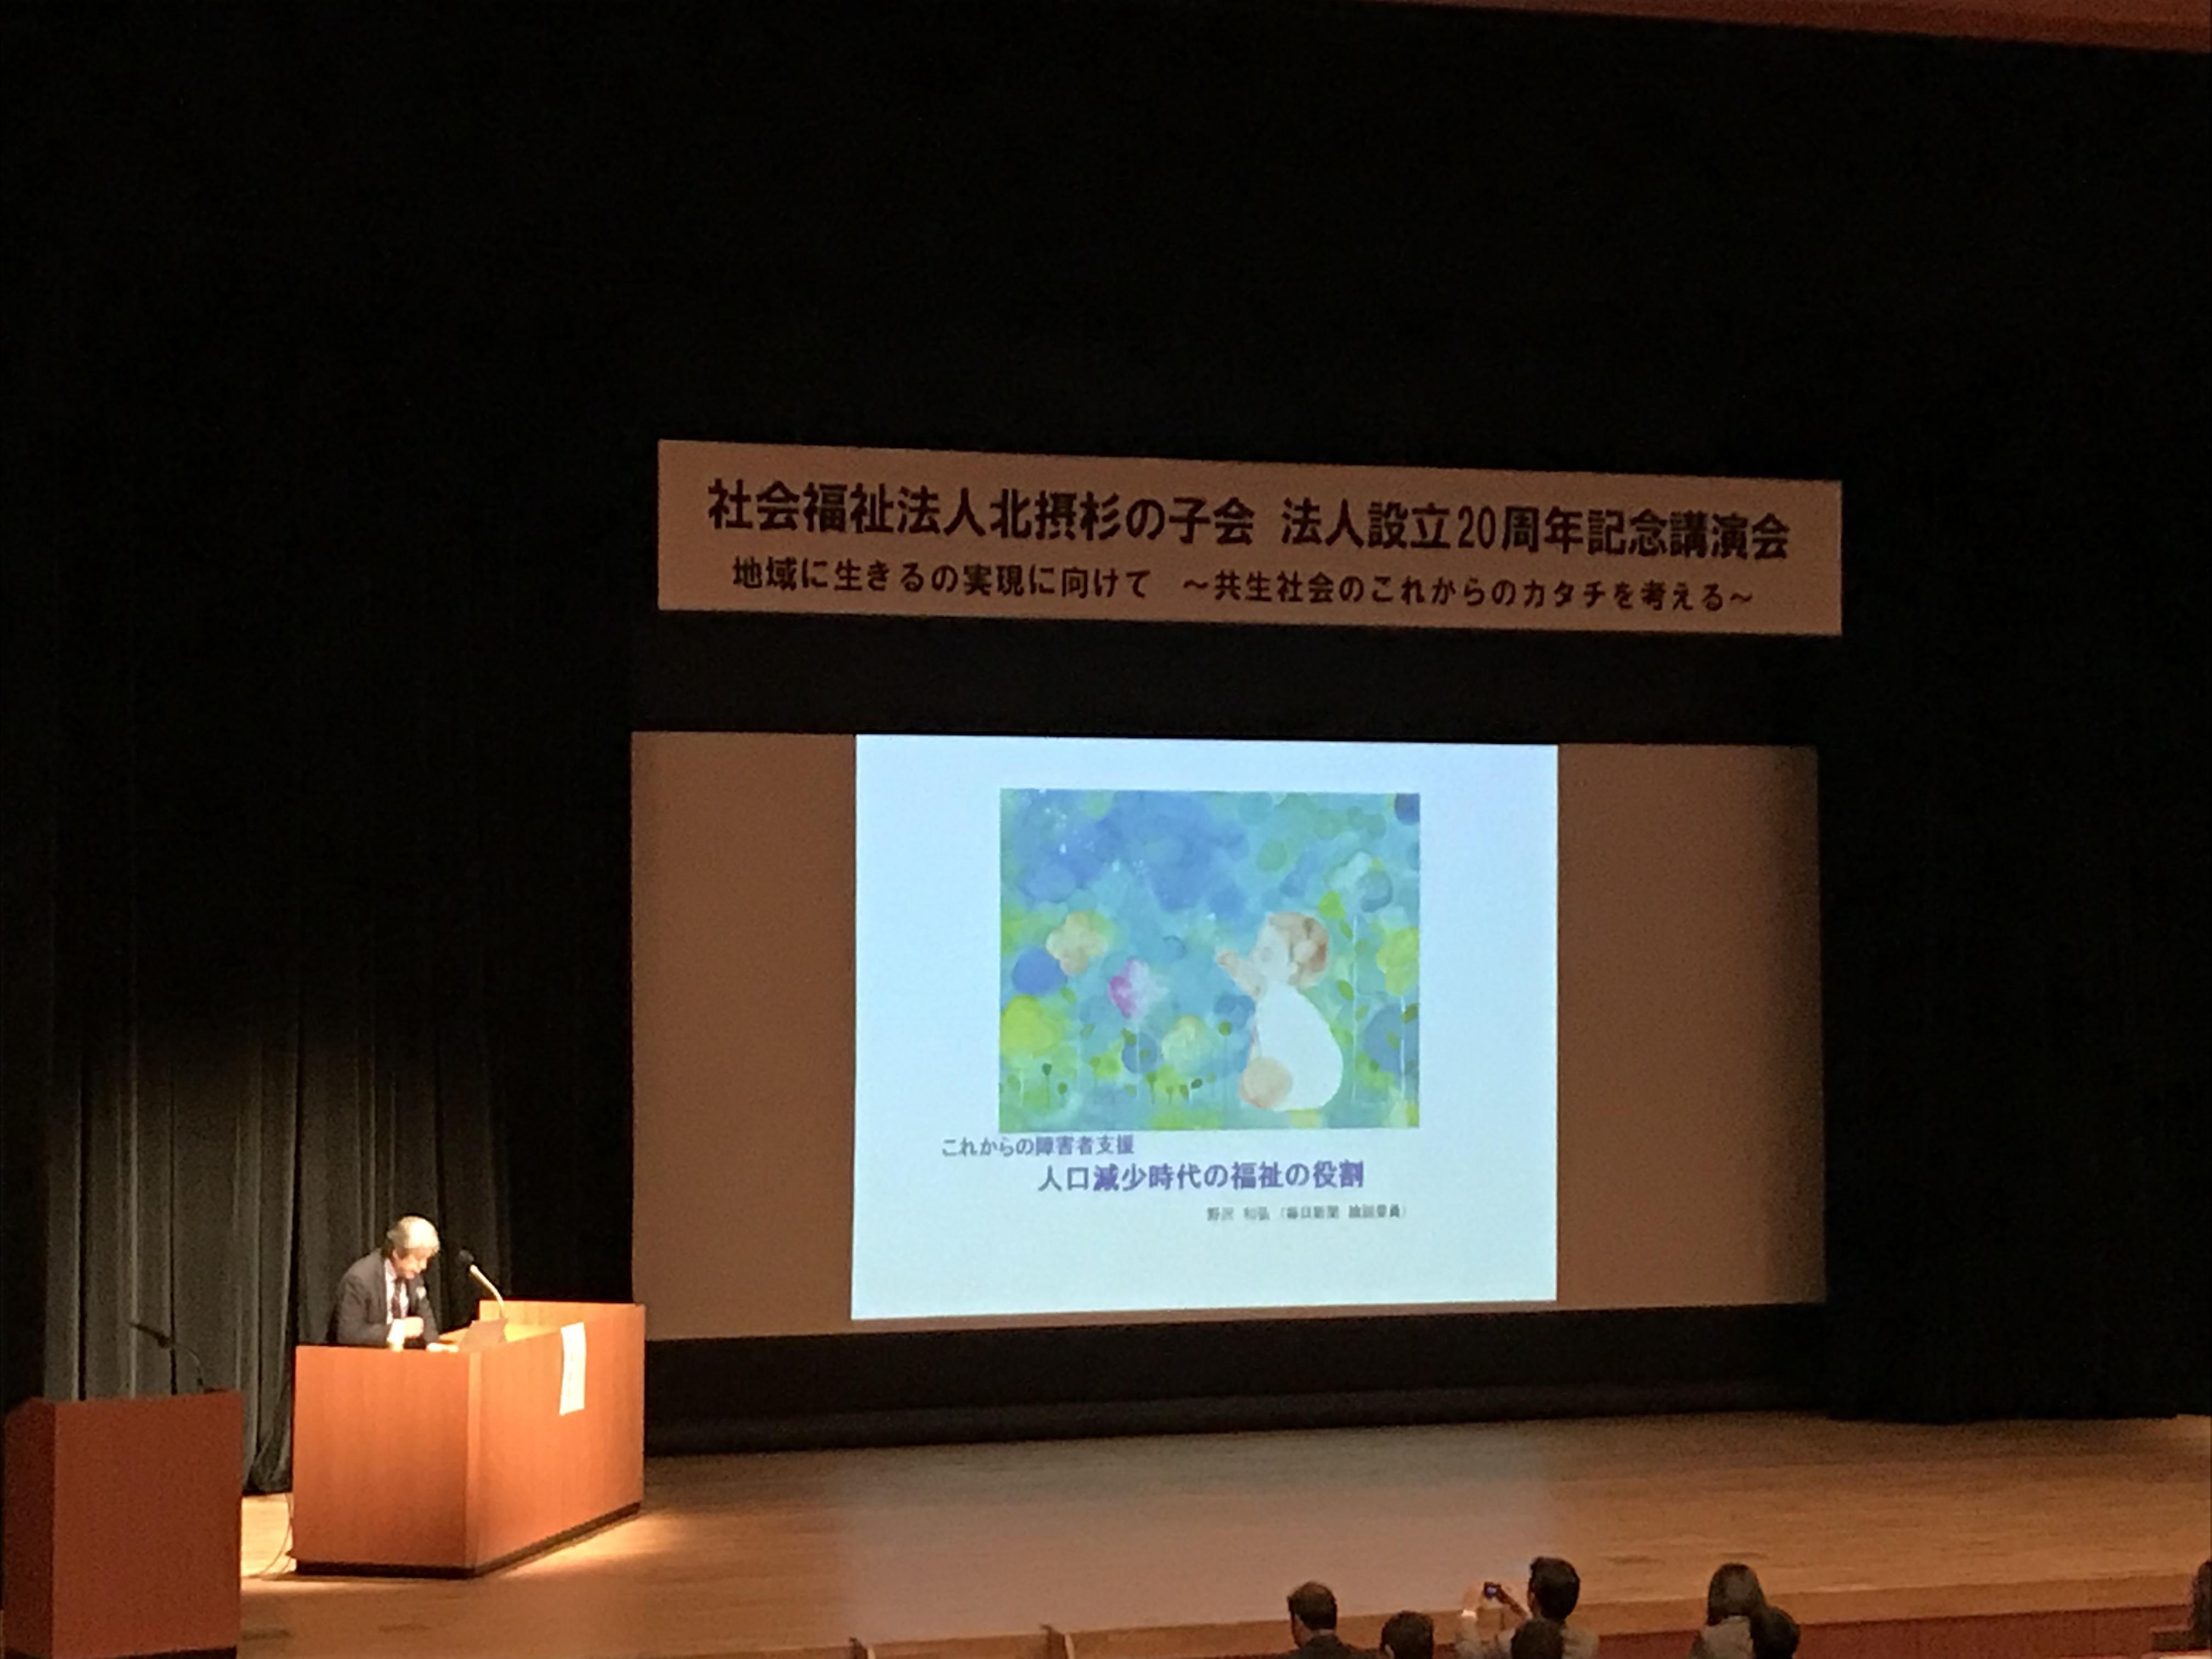 社会福祉法人北摂杉の子会の法人設立20周年記念講演会に参加しました!